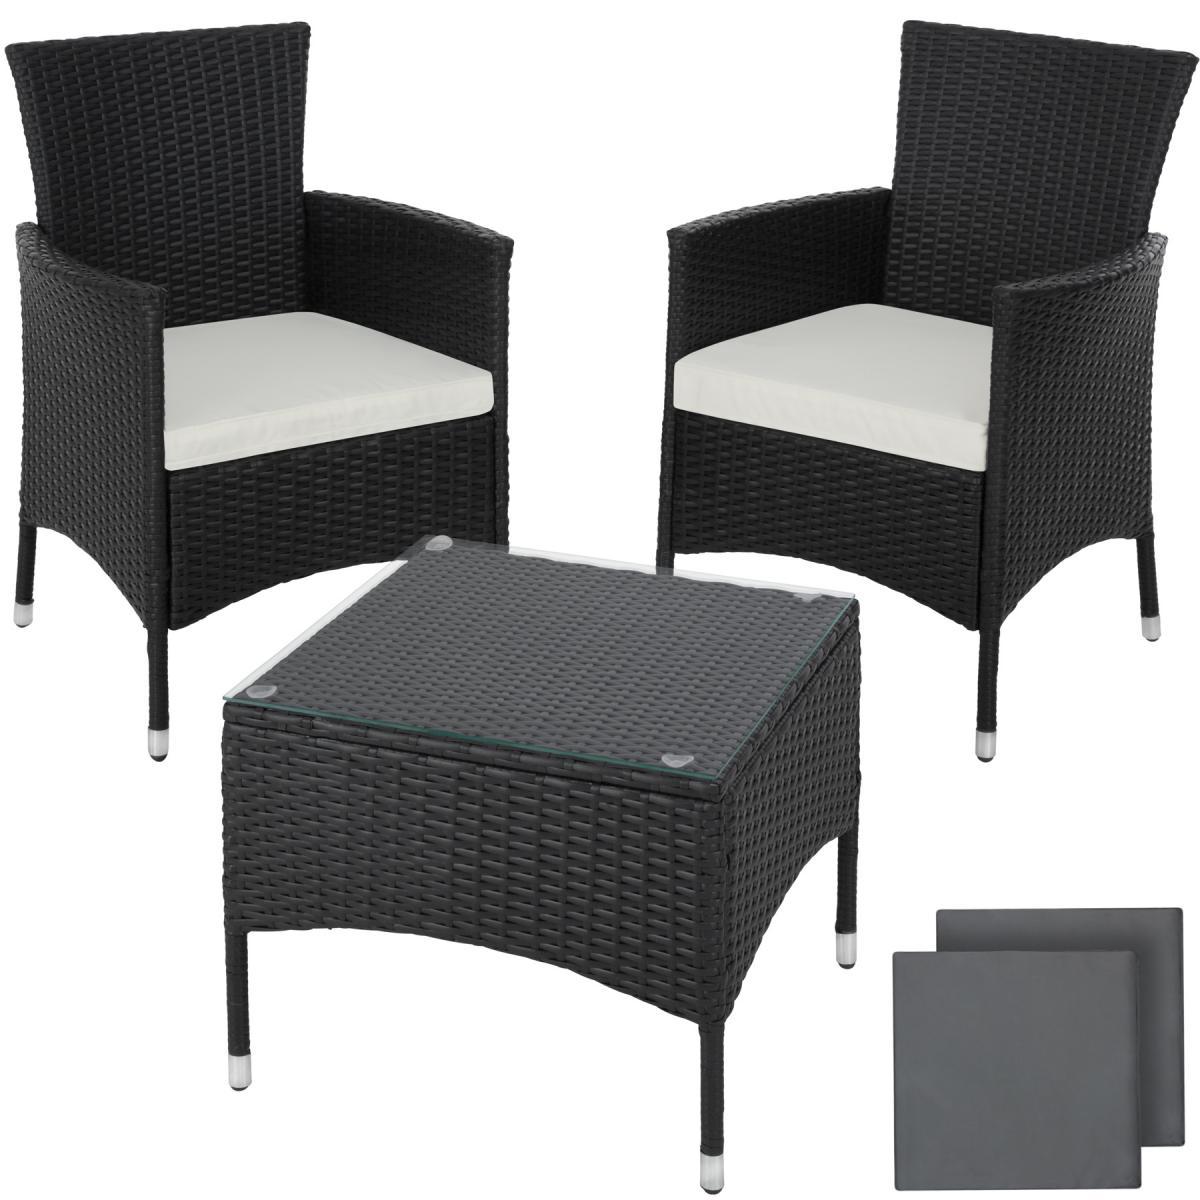 Tectake Salon de jardin LUCERNE 2 places avec 2 sets de housses - noir